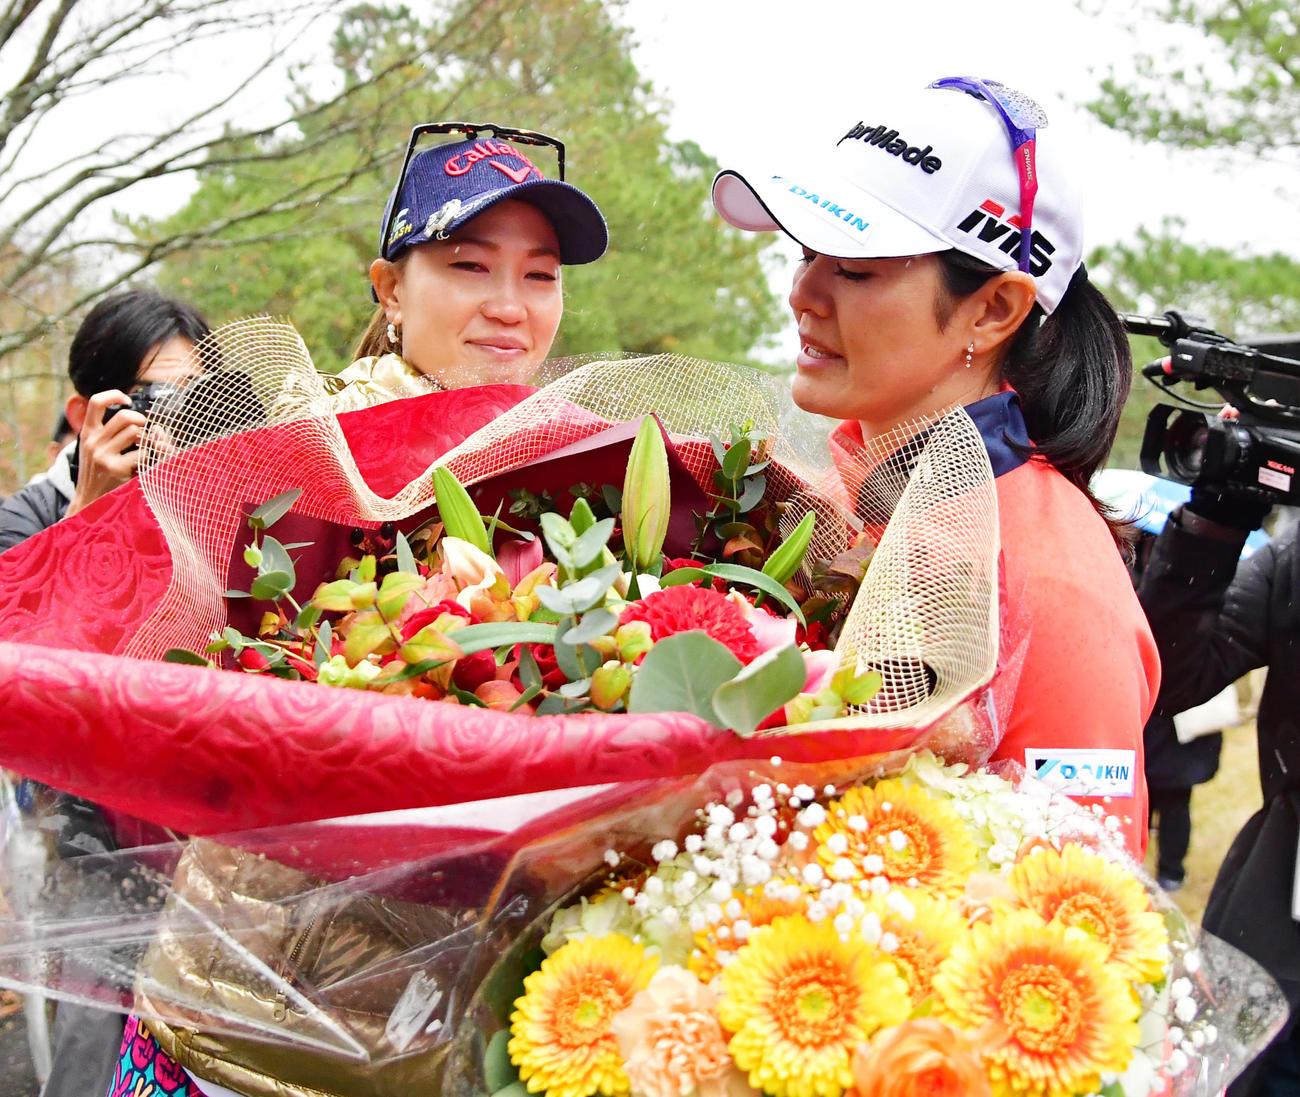 ホールアウトし、上田桃子(左)から花束を受け取り涙をみせる諸見里しのぶさん(19年11月22日撮影)